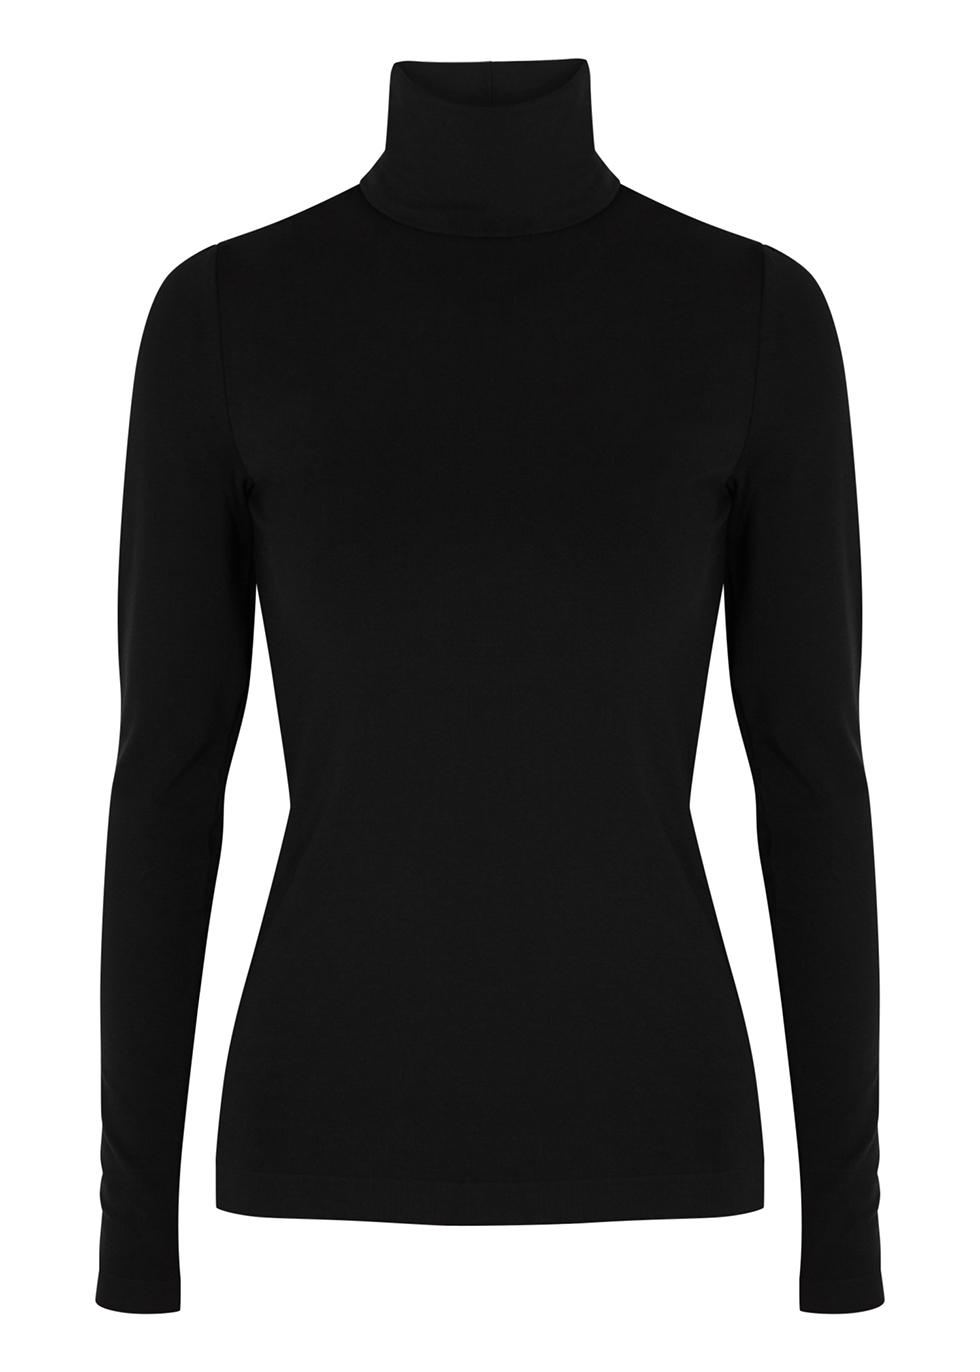 Aurora black roll-neck jersey top